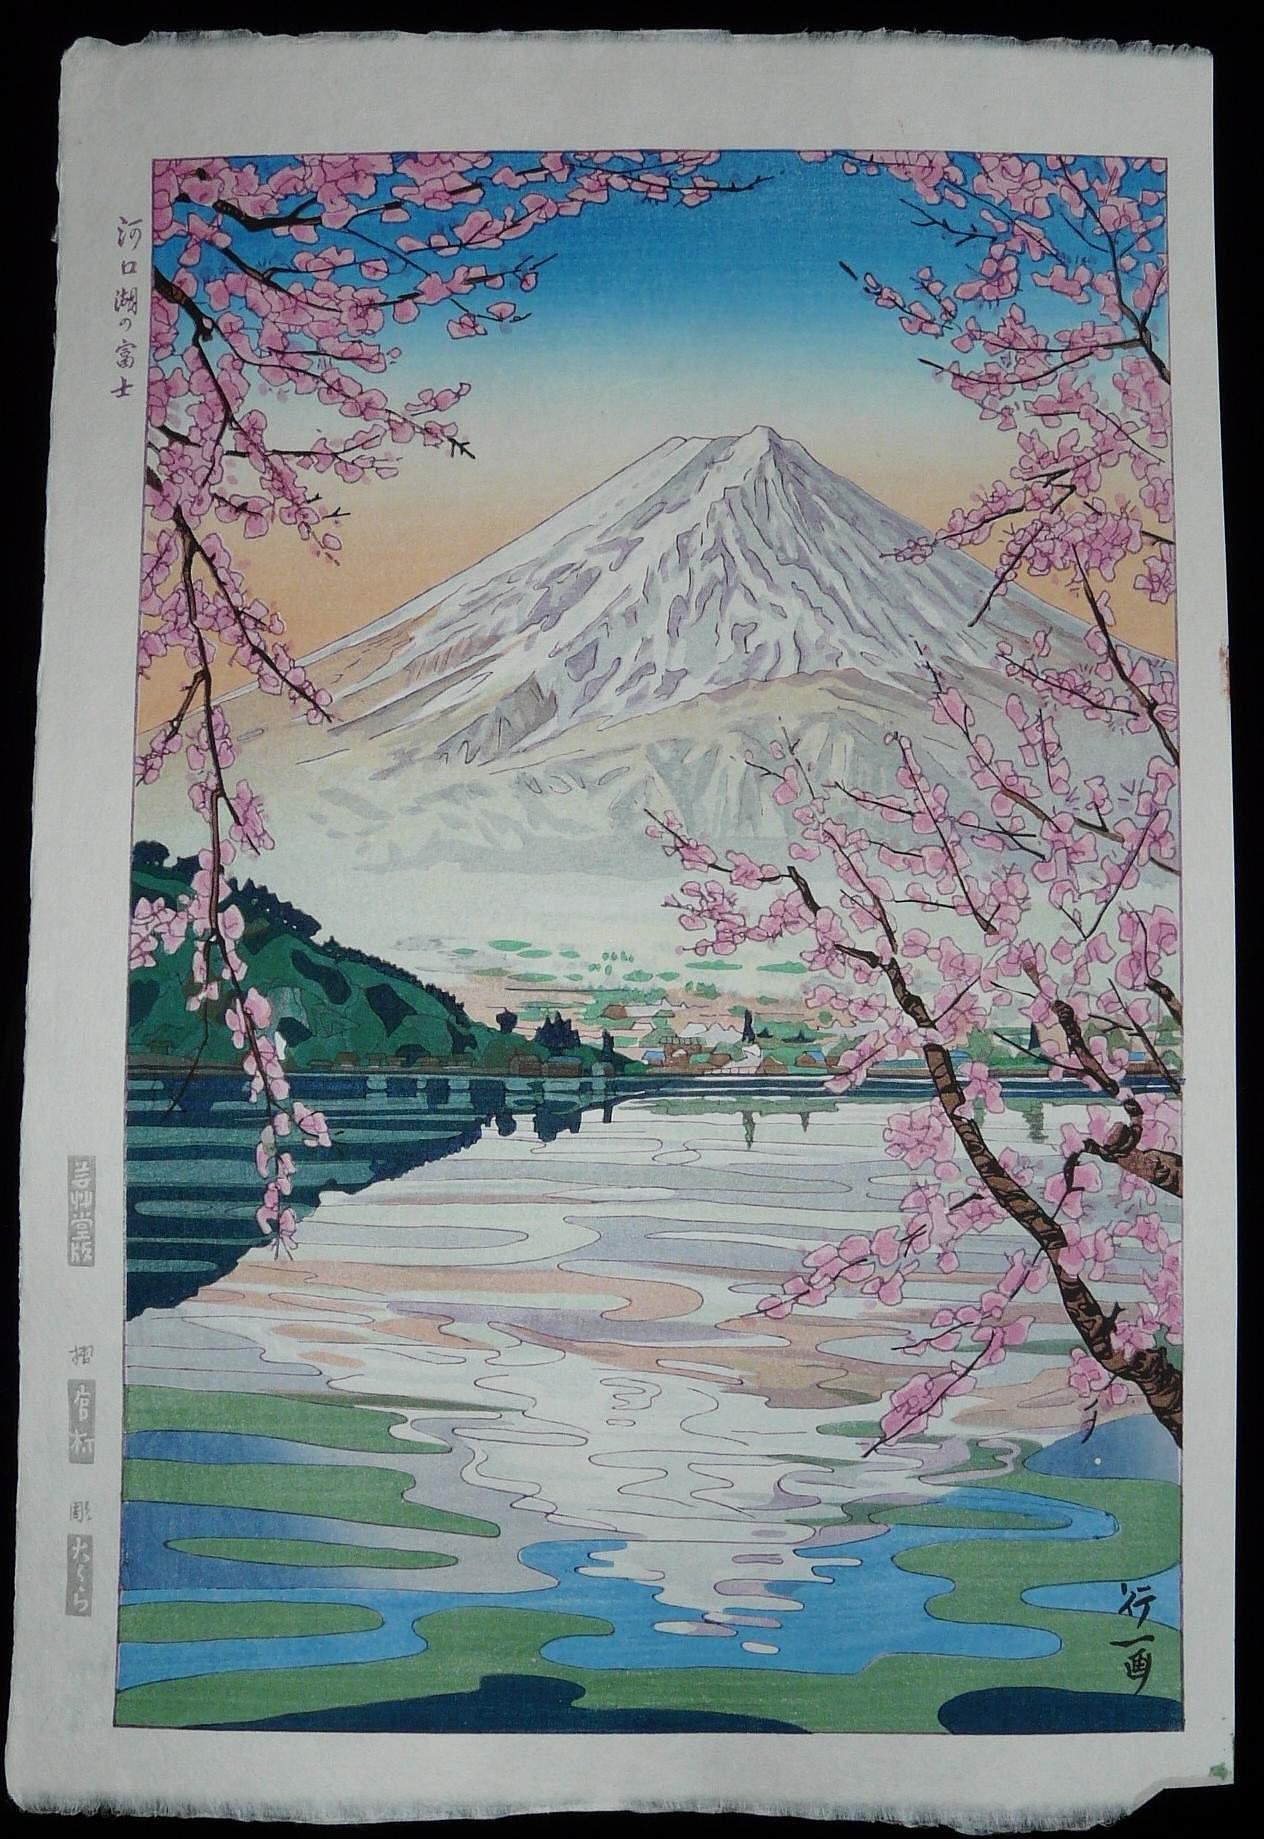 KOICHI OKADA: #P1973 MOUNT FUJI IN SPRING